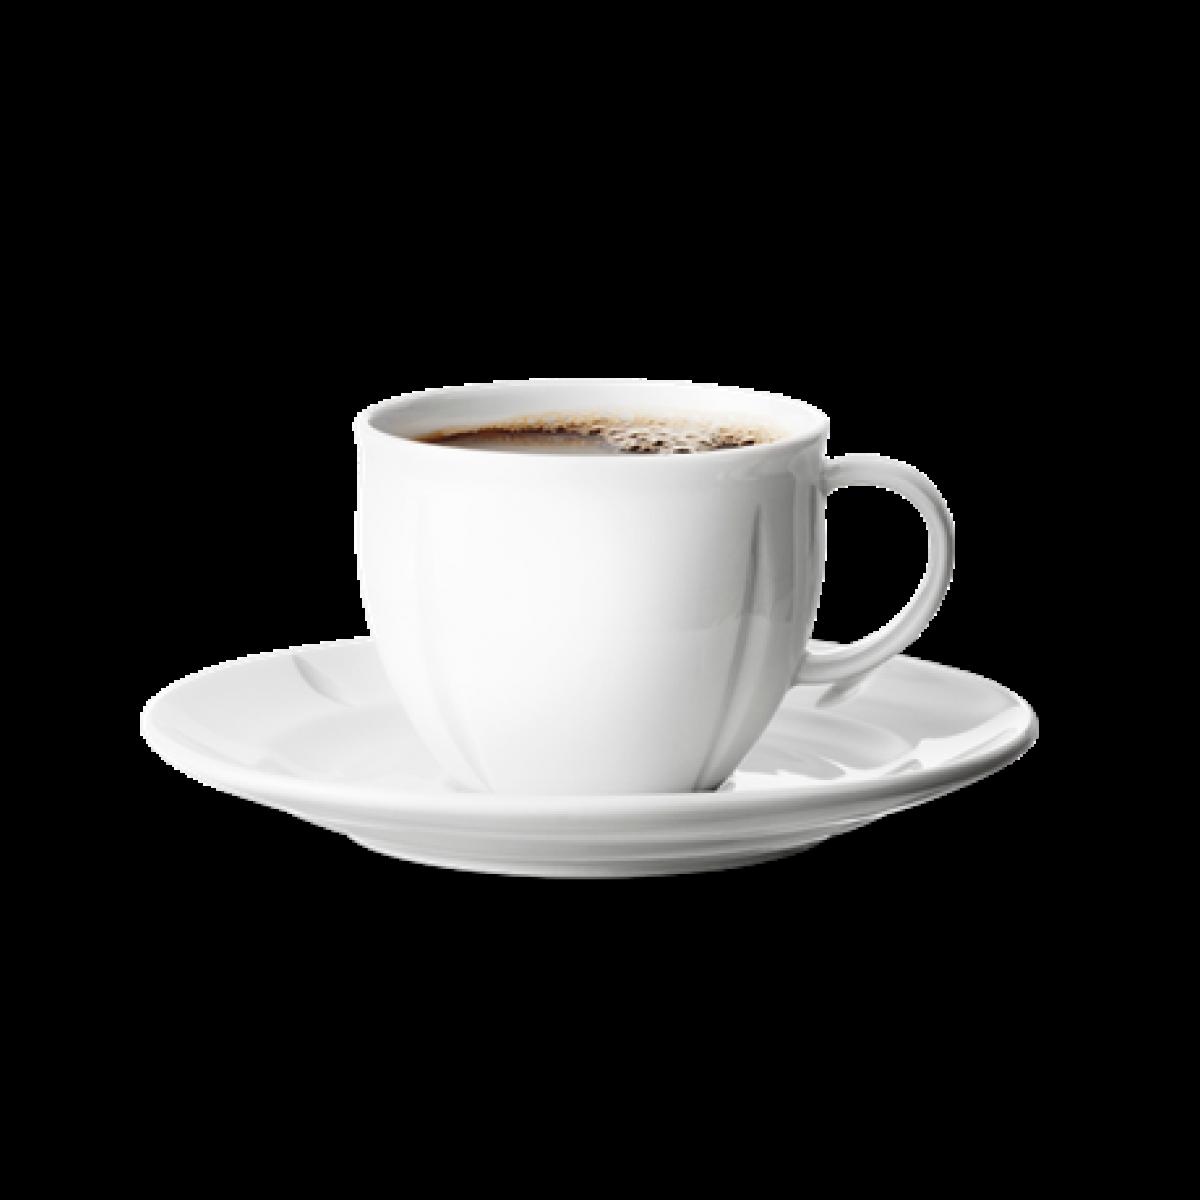 ROSENDAHL Grand Cru Soft kaffekop med underkop 28 cl.